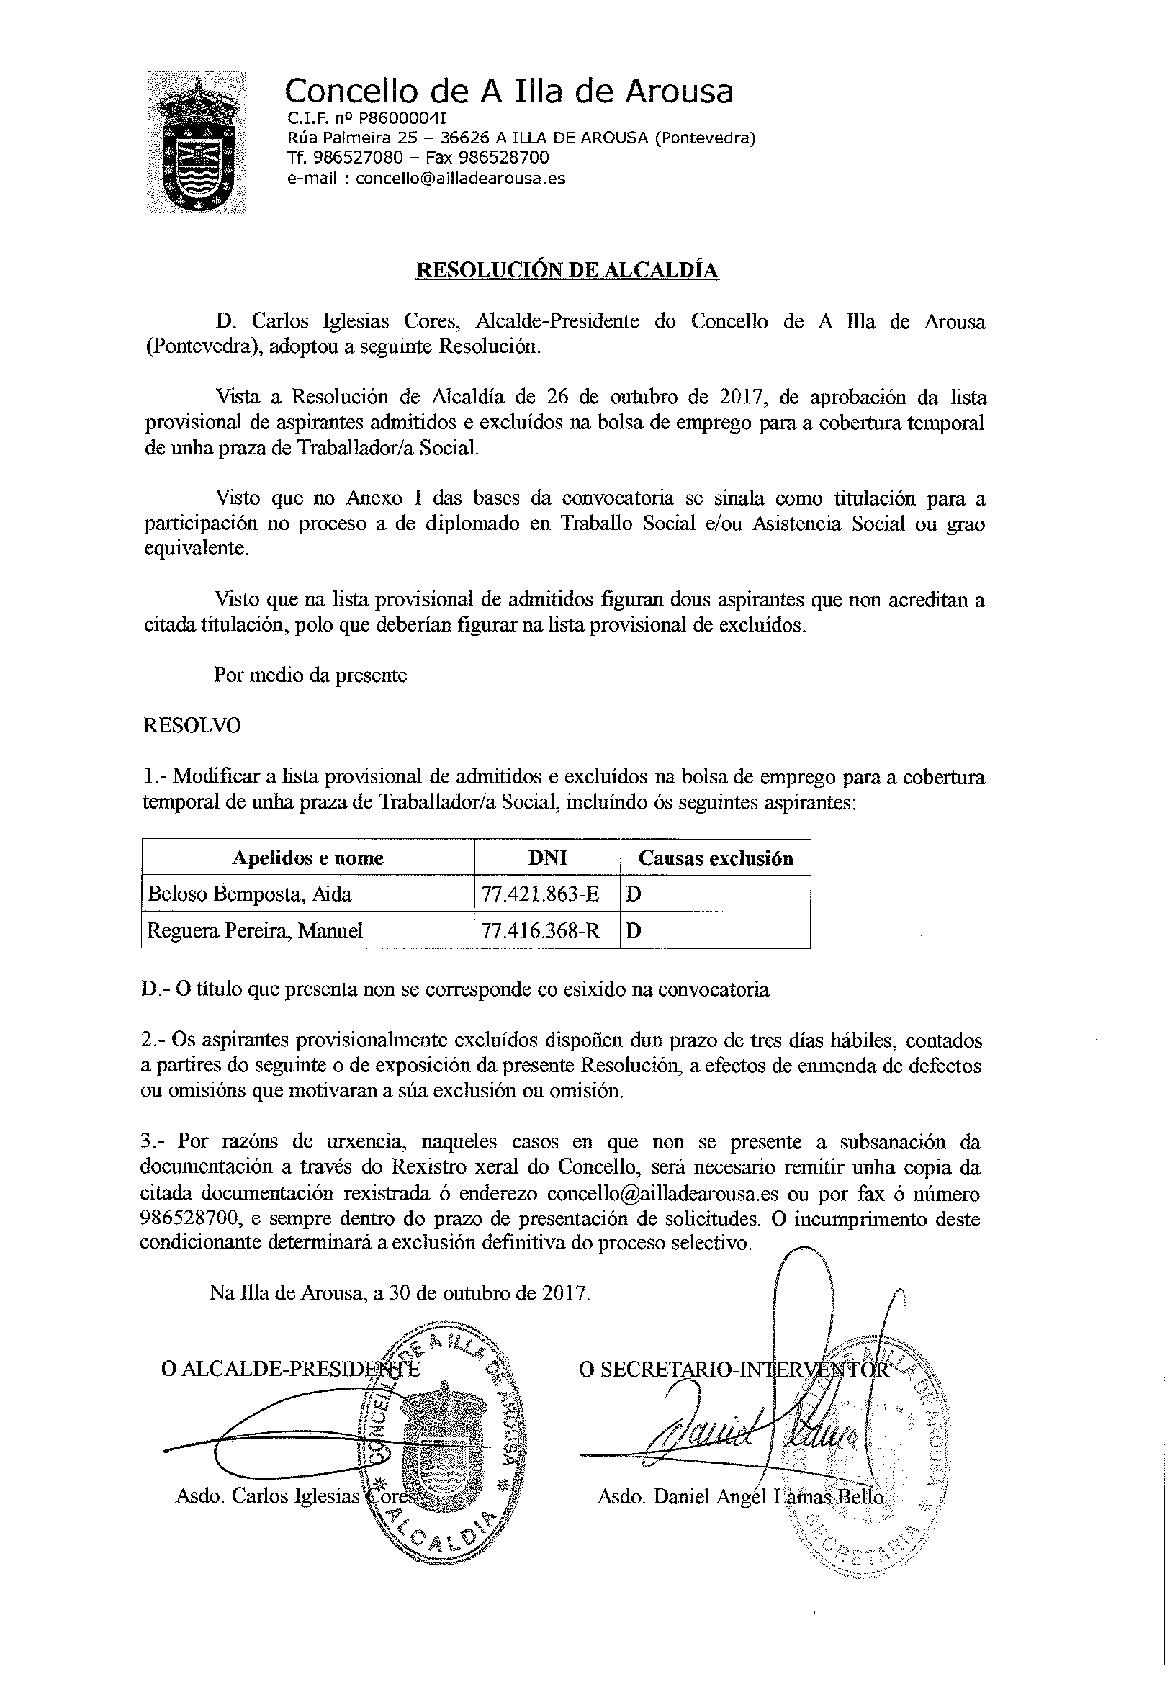 MODIFICACIÓN DA LISTA PROVISIONAL DE ASPIRANTES ADMITIDOS